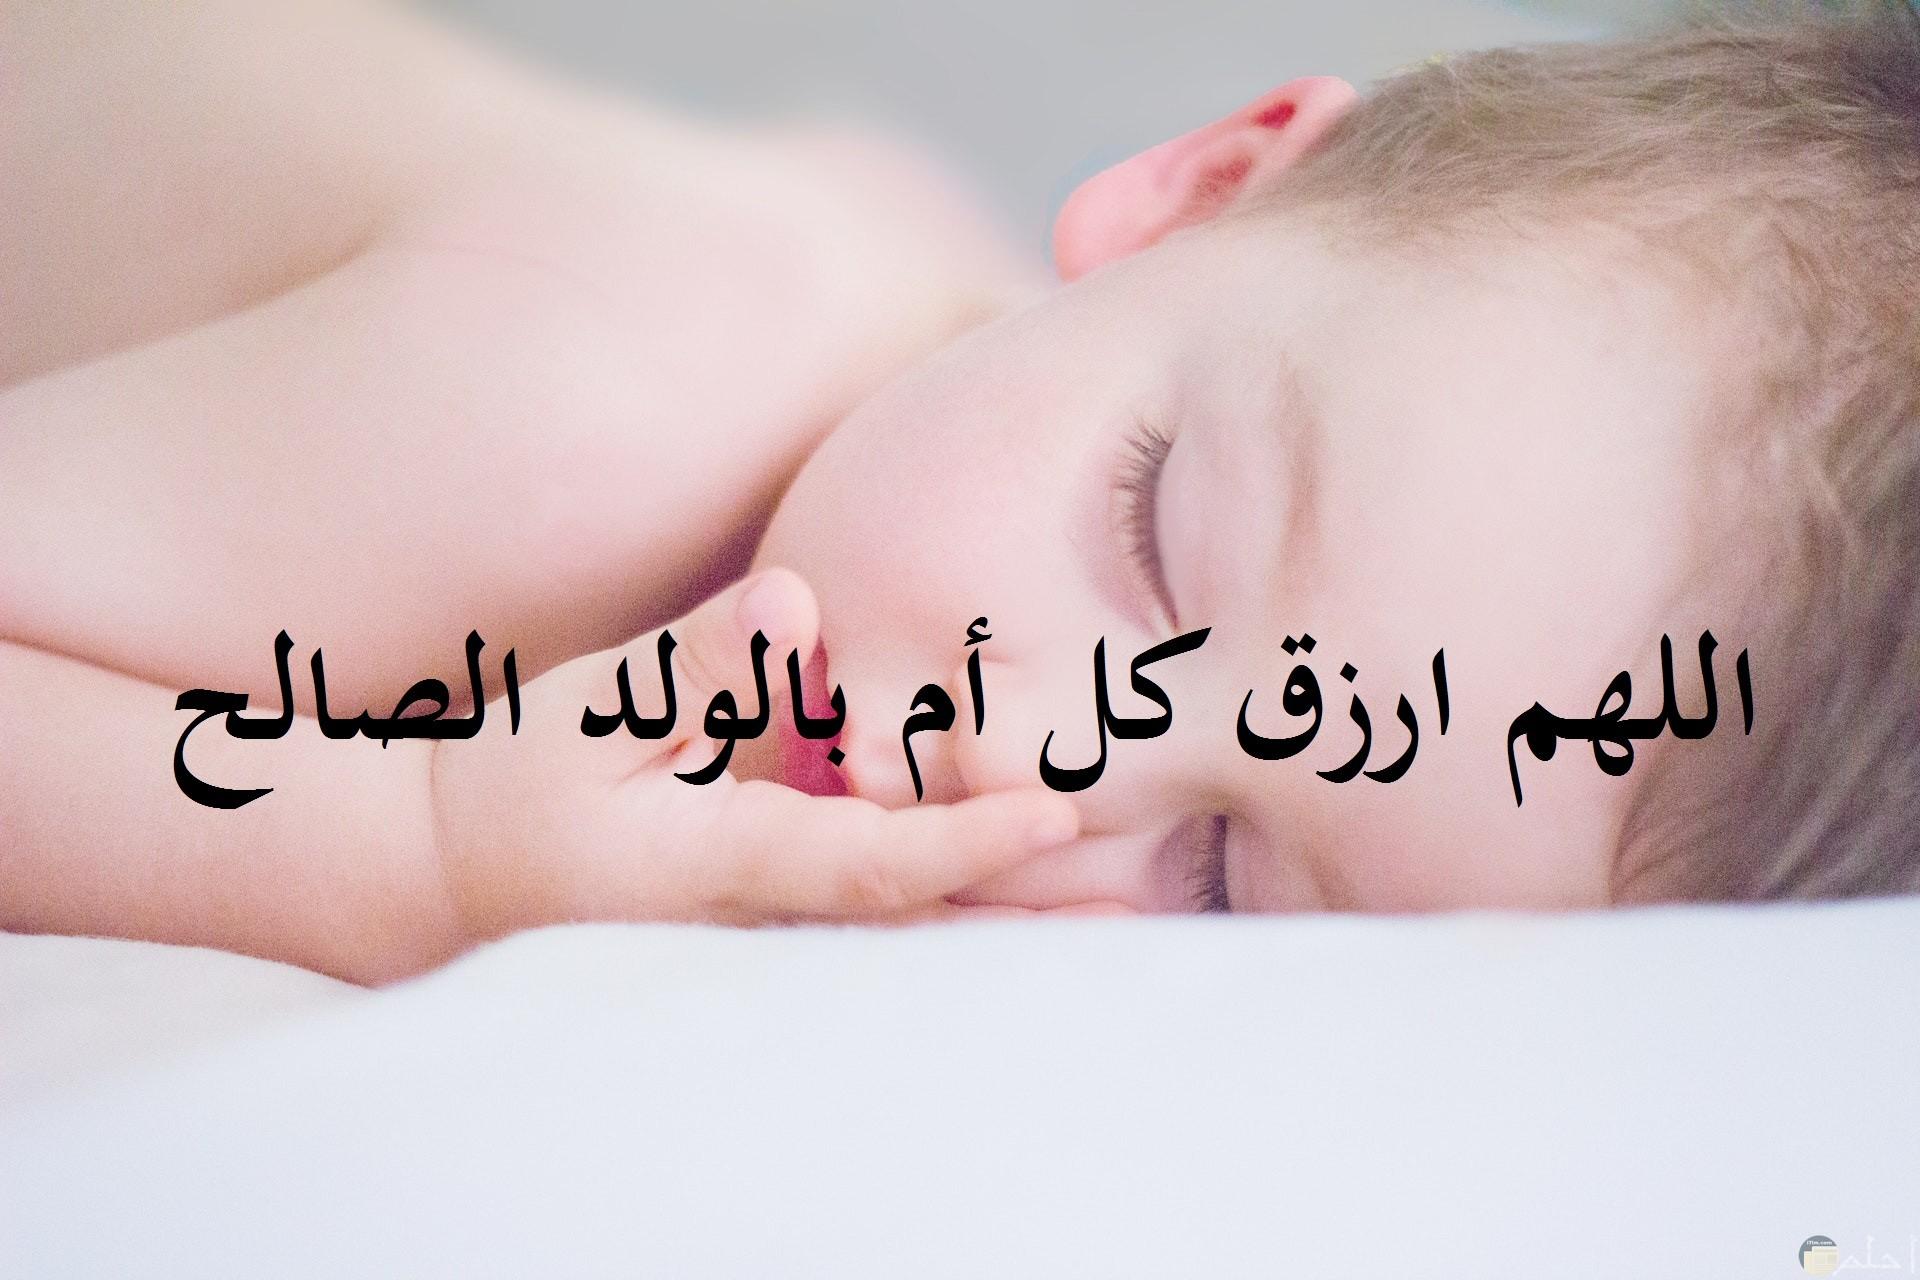 صورة جميلة مكتوب عليها دعاء بأن يرزق الله كل أم بولد صالح مع خلفية طفل صغير نائم